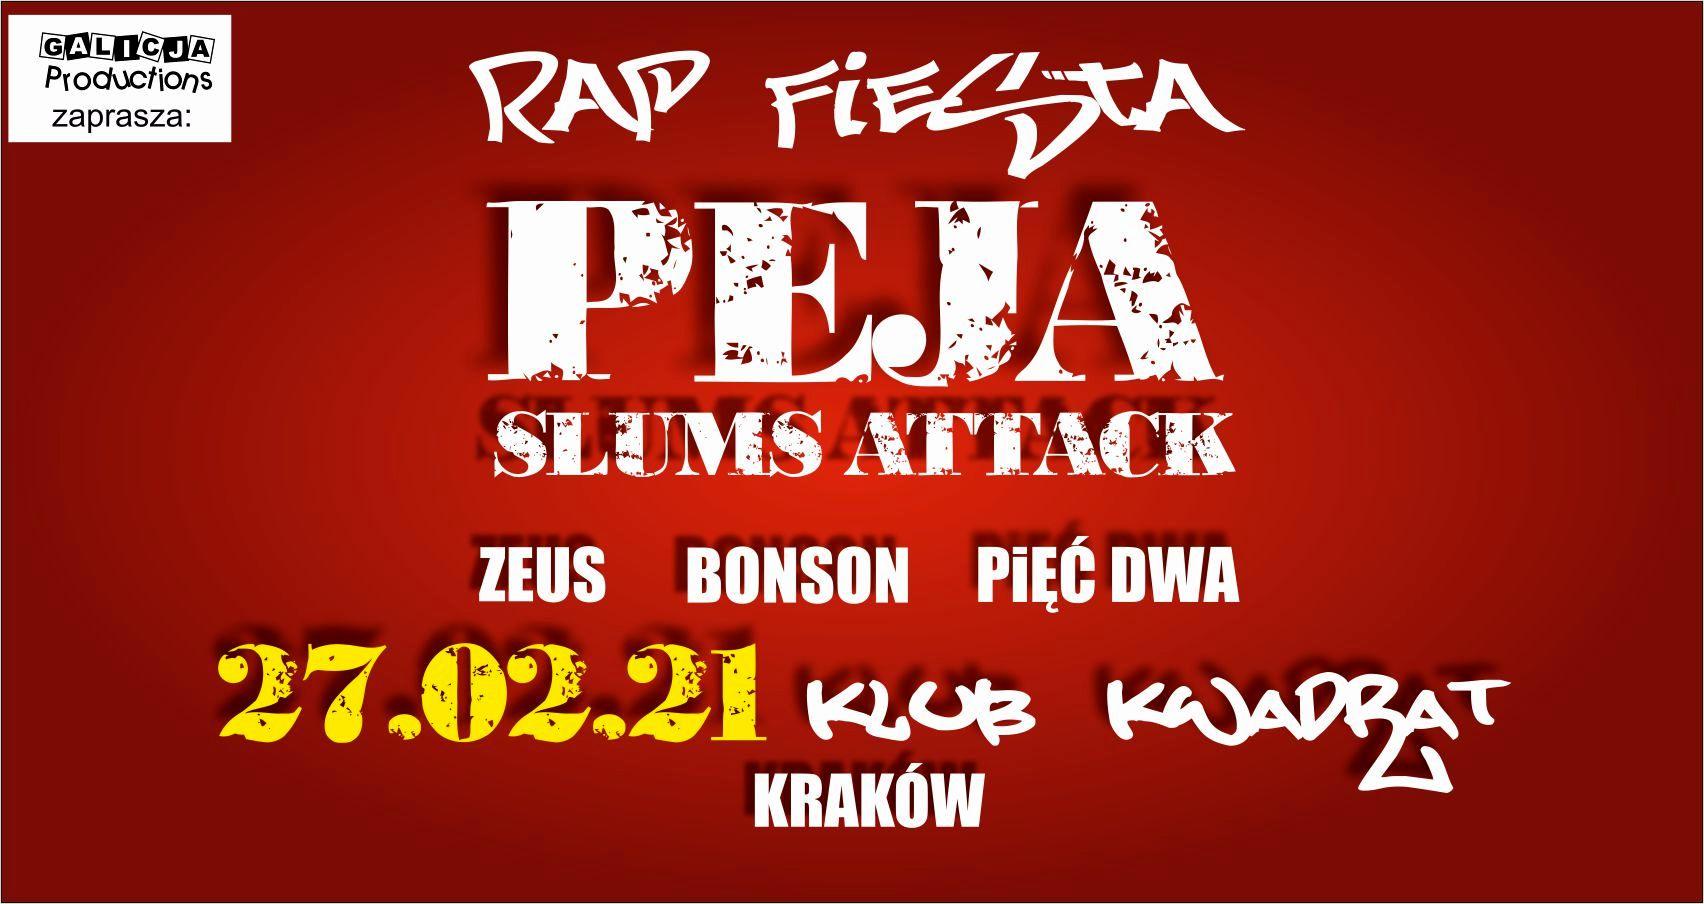 RAP FIESTA – PEJA/Slums Attack, Zeus, Bonson, Pięć Dwa